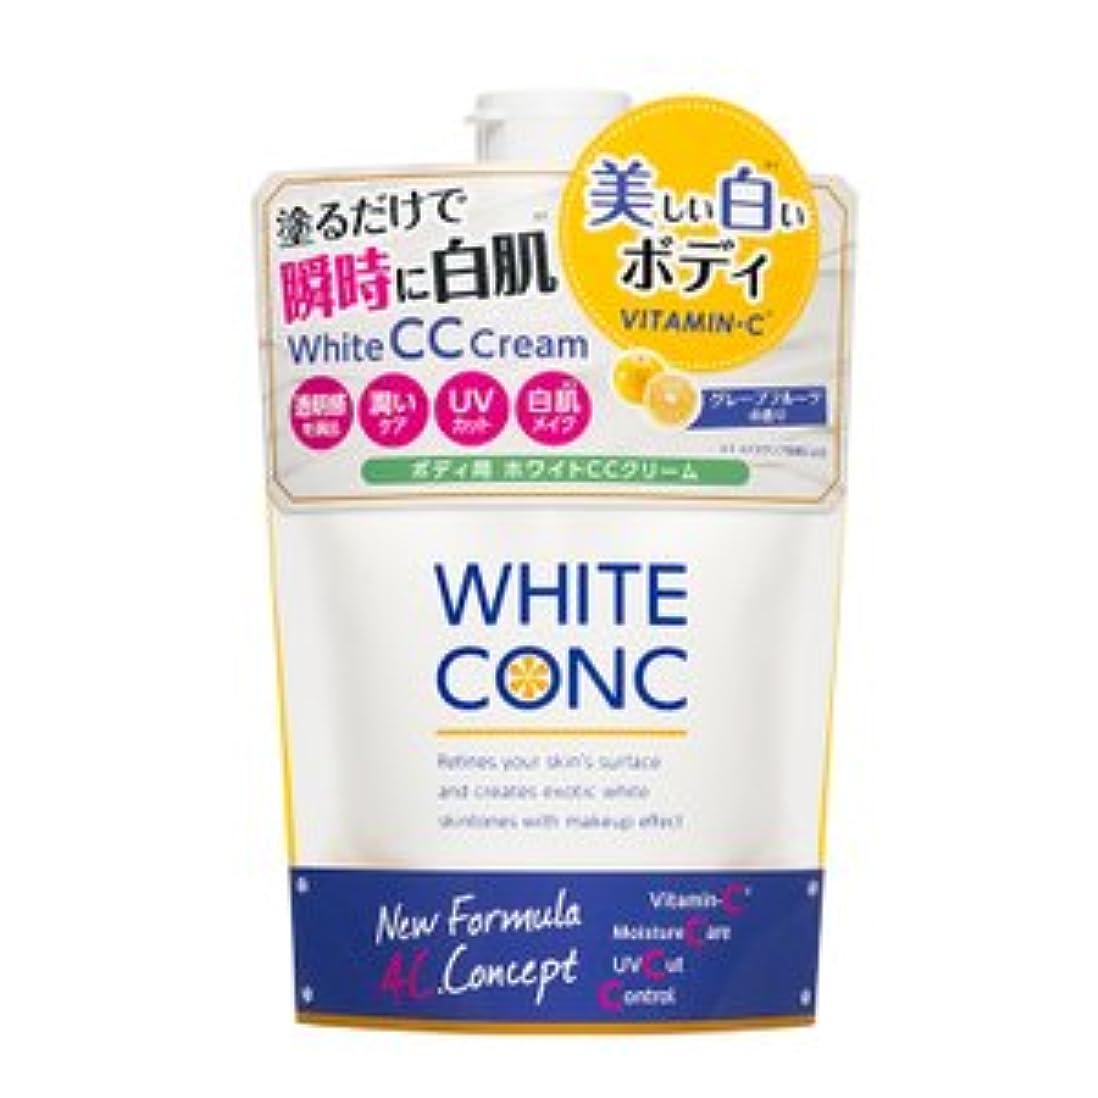 最後のコメントアンプ薬用ホワイトコンクホワイトCCクリーム 200g